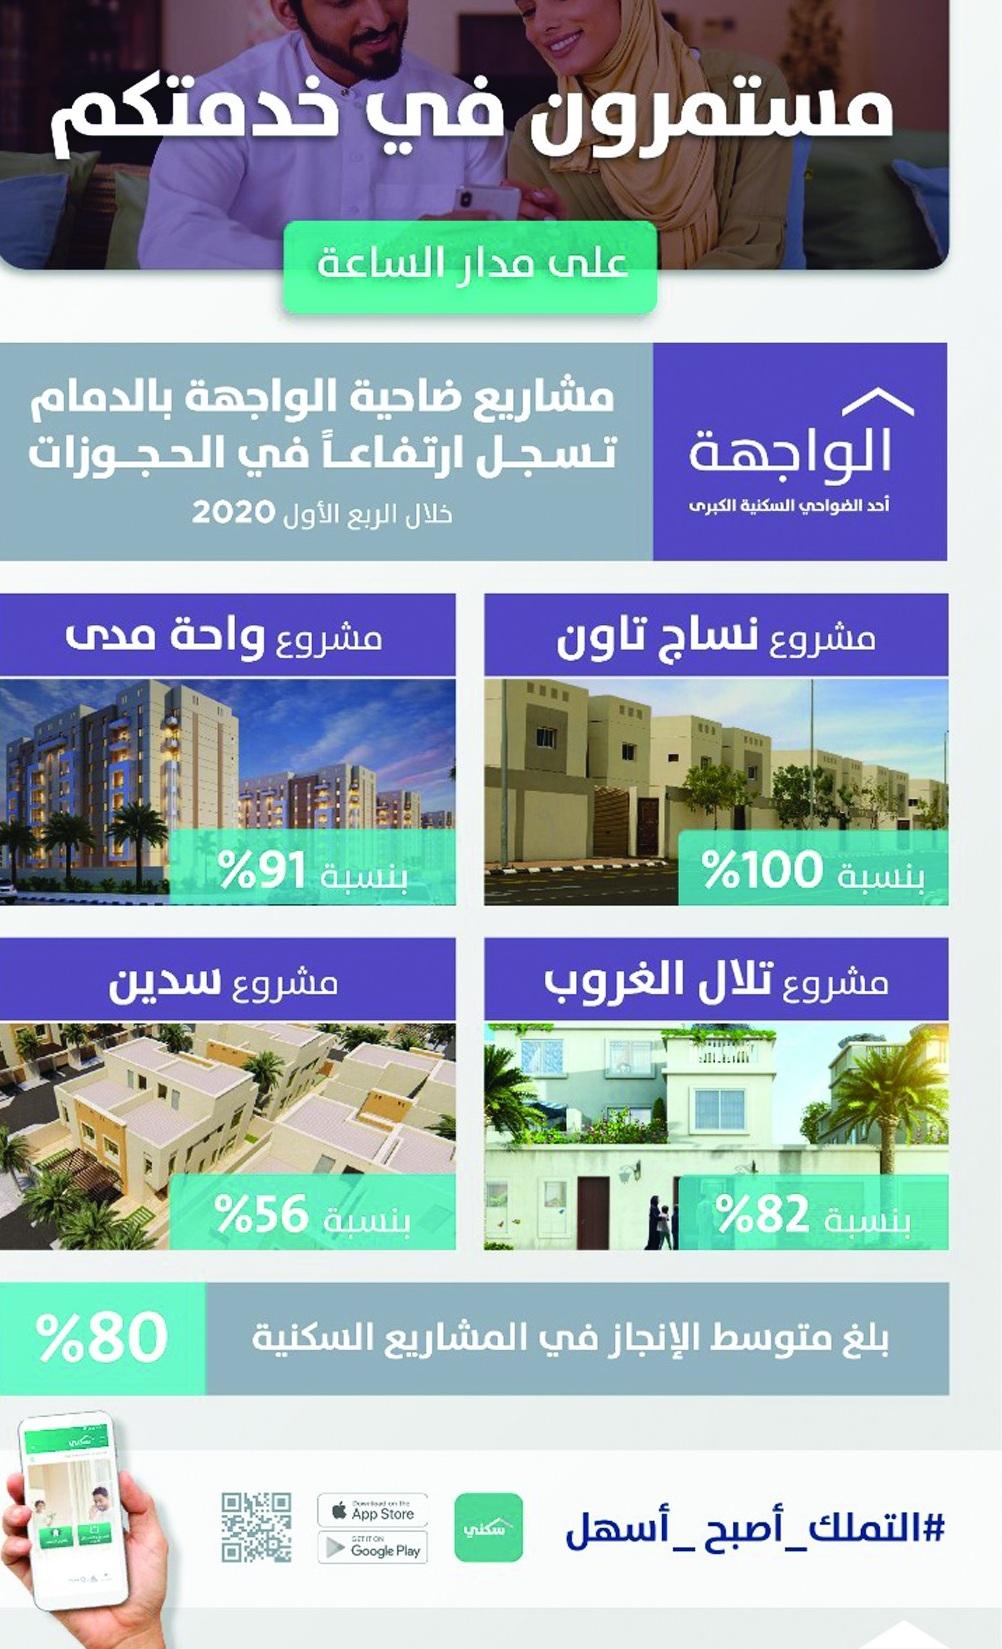 مشاريع الدمام - مشاريع سكنية